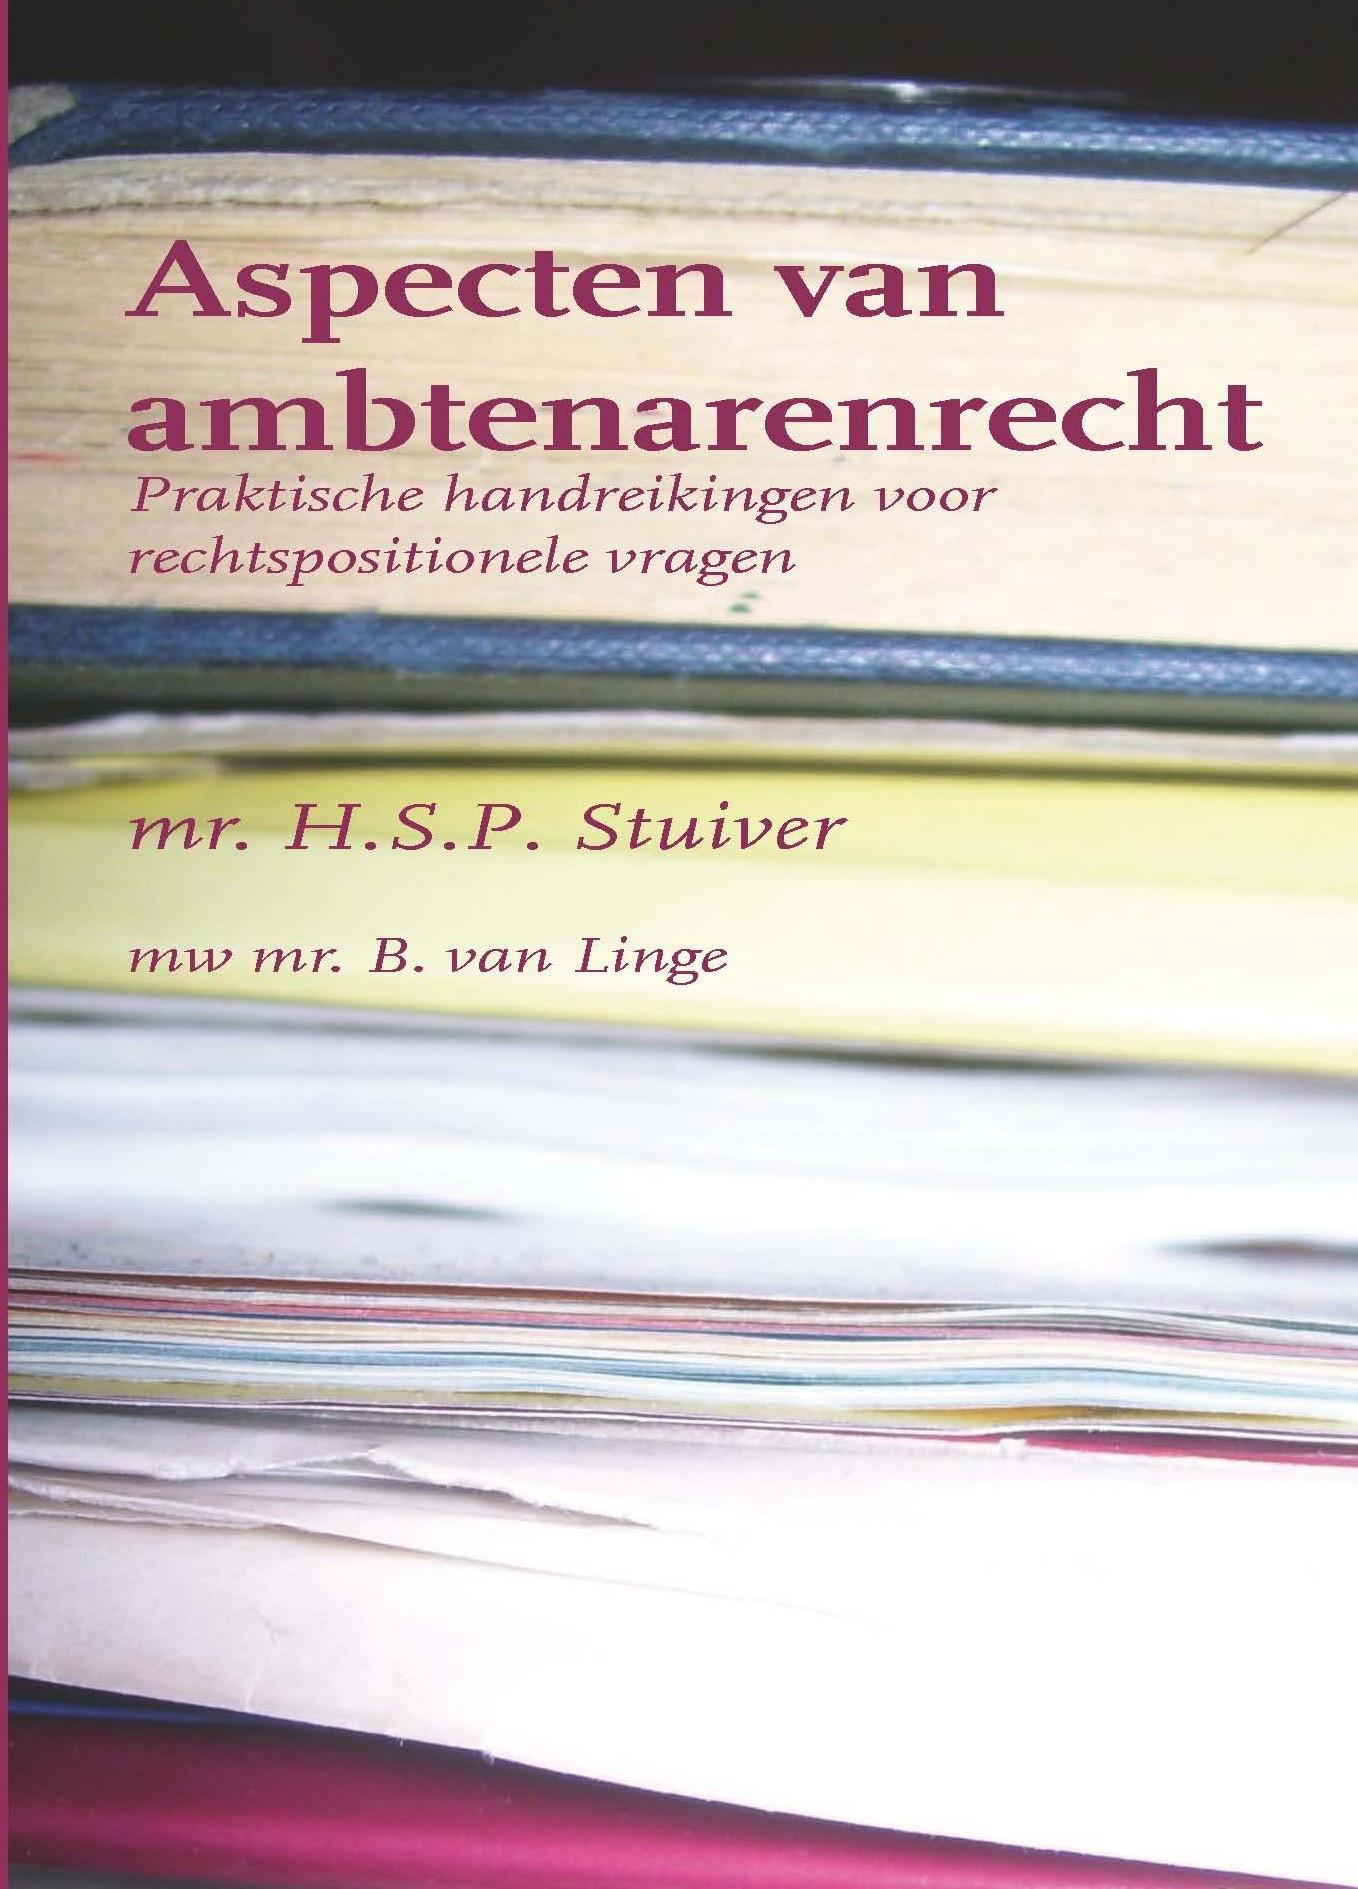 Aspecten van Ambtenarenrecht, handreikingen voor rechtspositionele vraagstukken, 6e druk